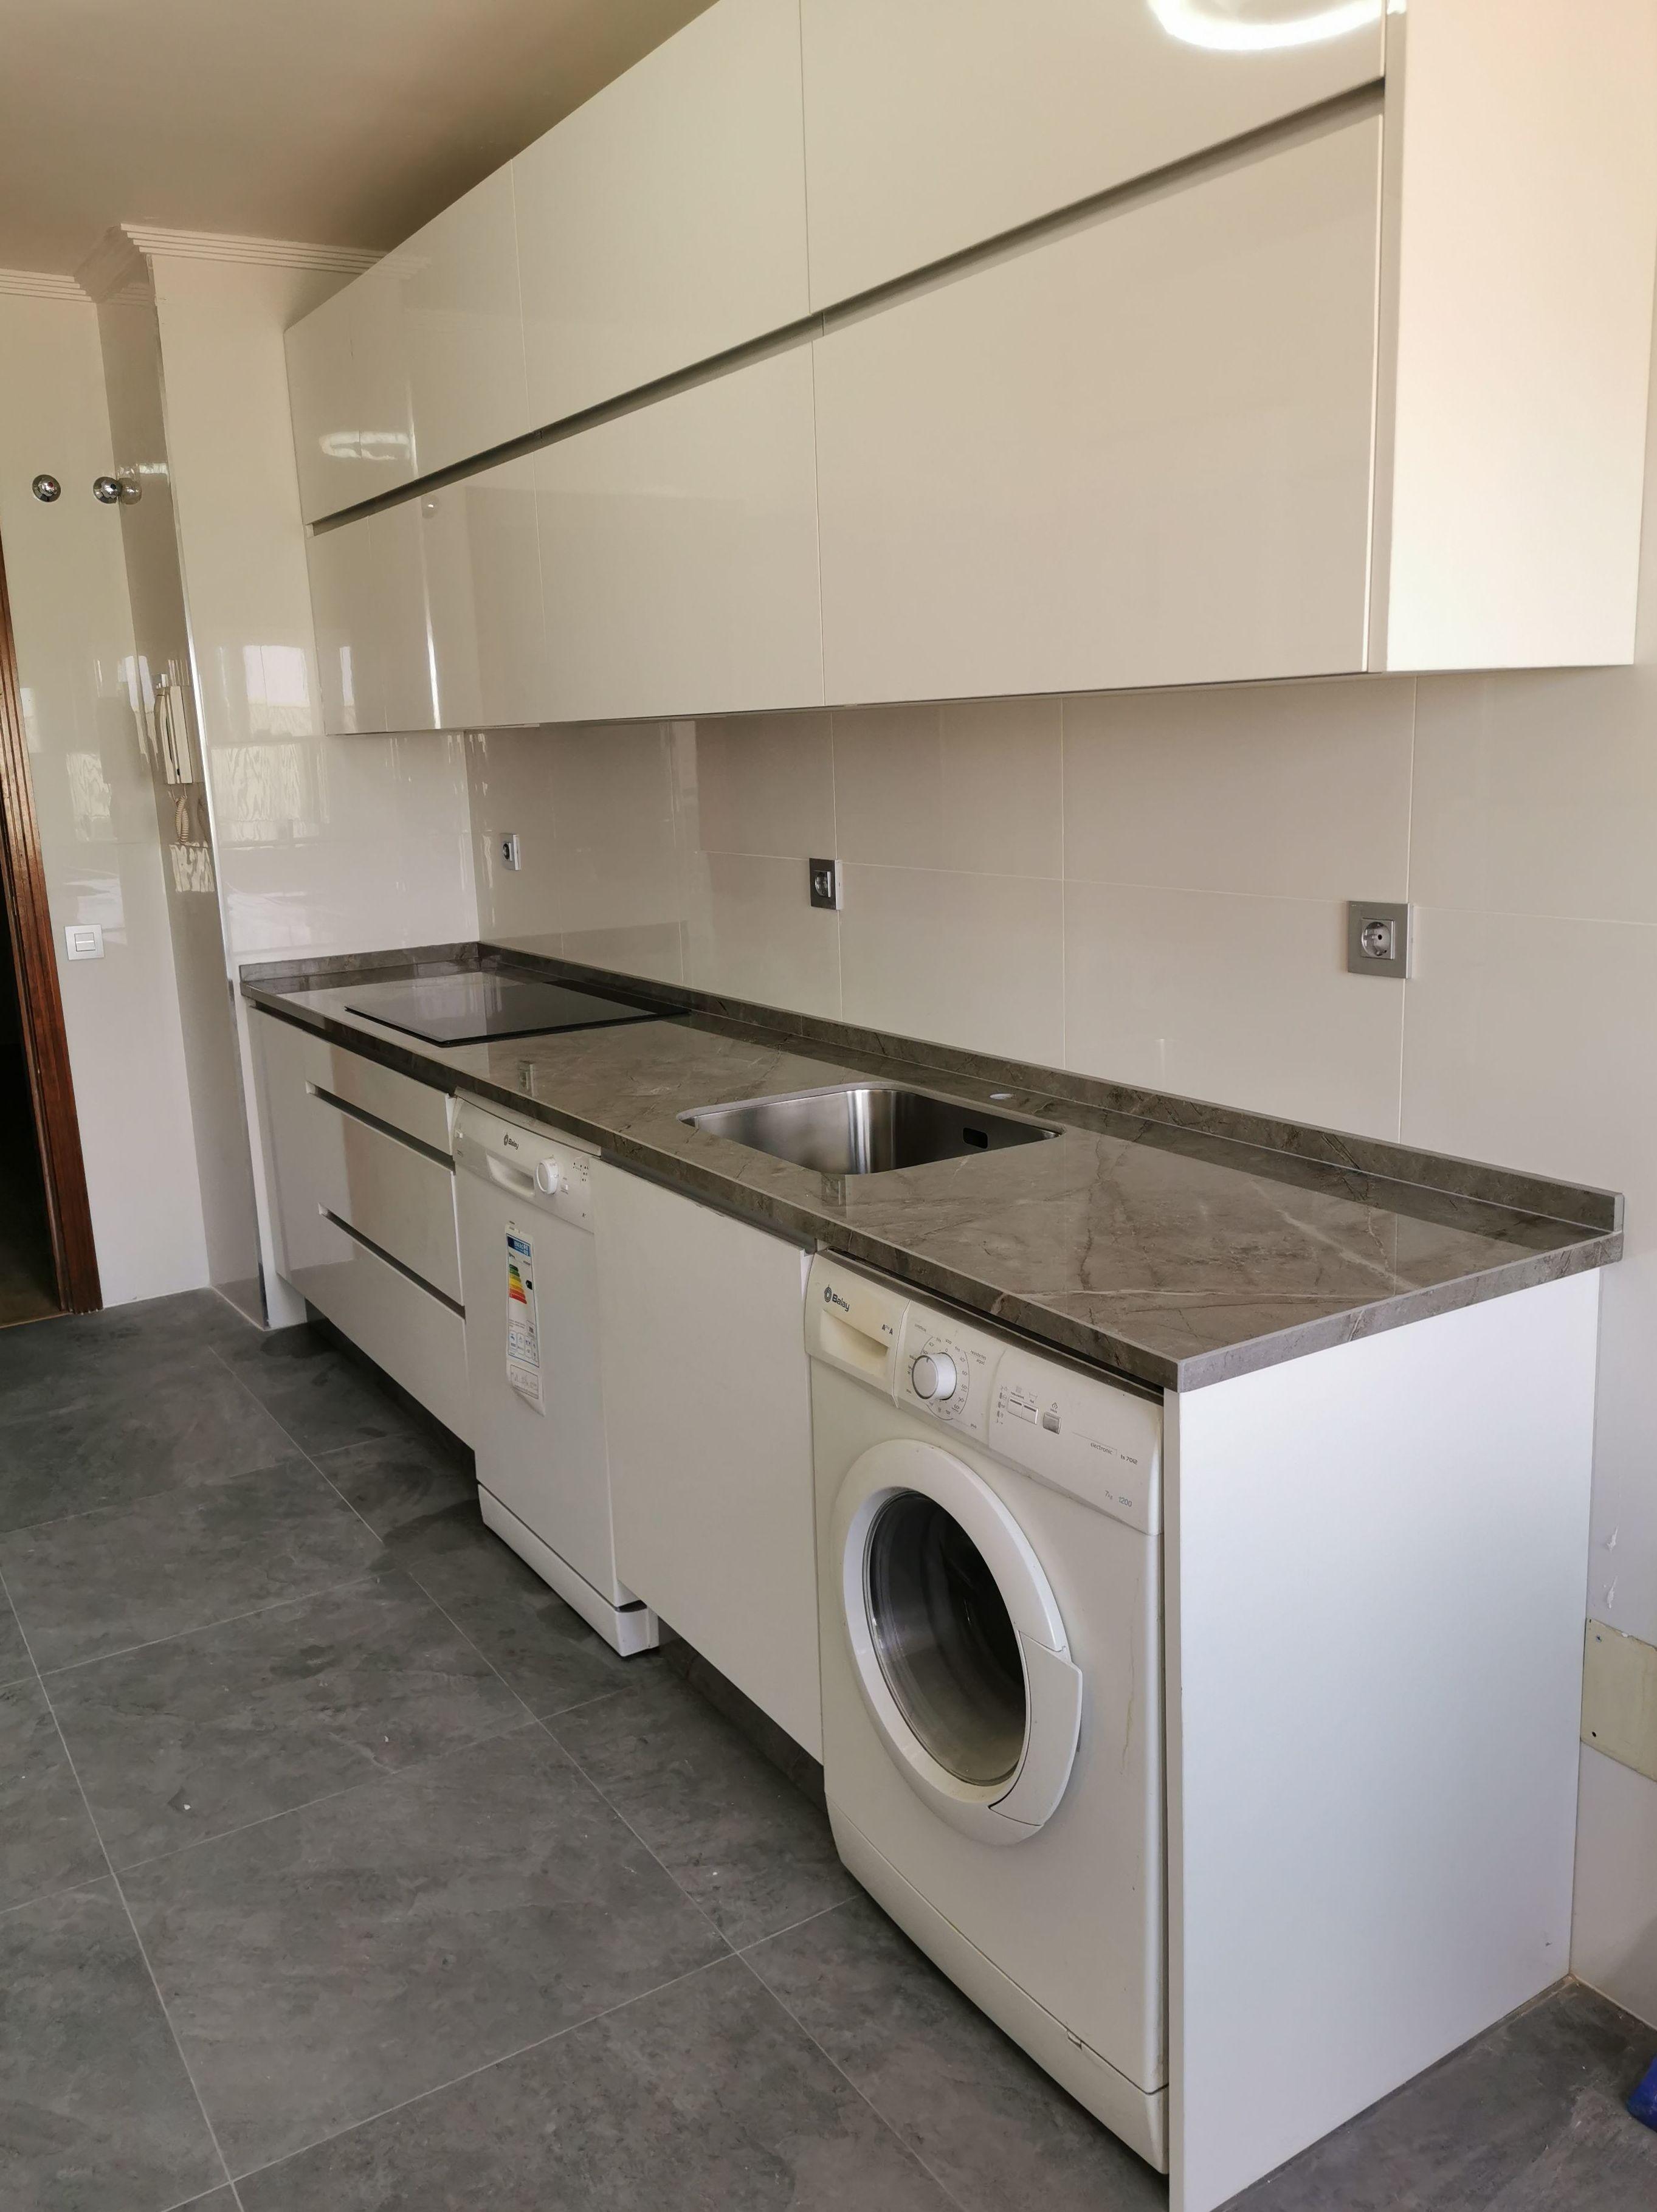 Foto 27 de Reformas en baños y cocinas en Trobajo del Camino | F. Alba, cocinas y baños